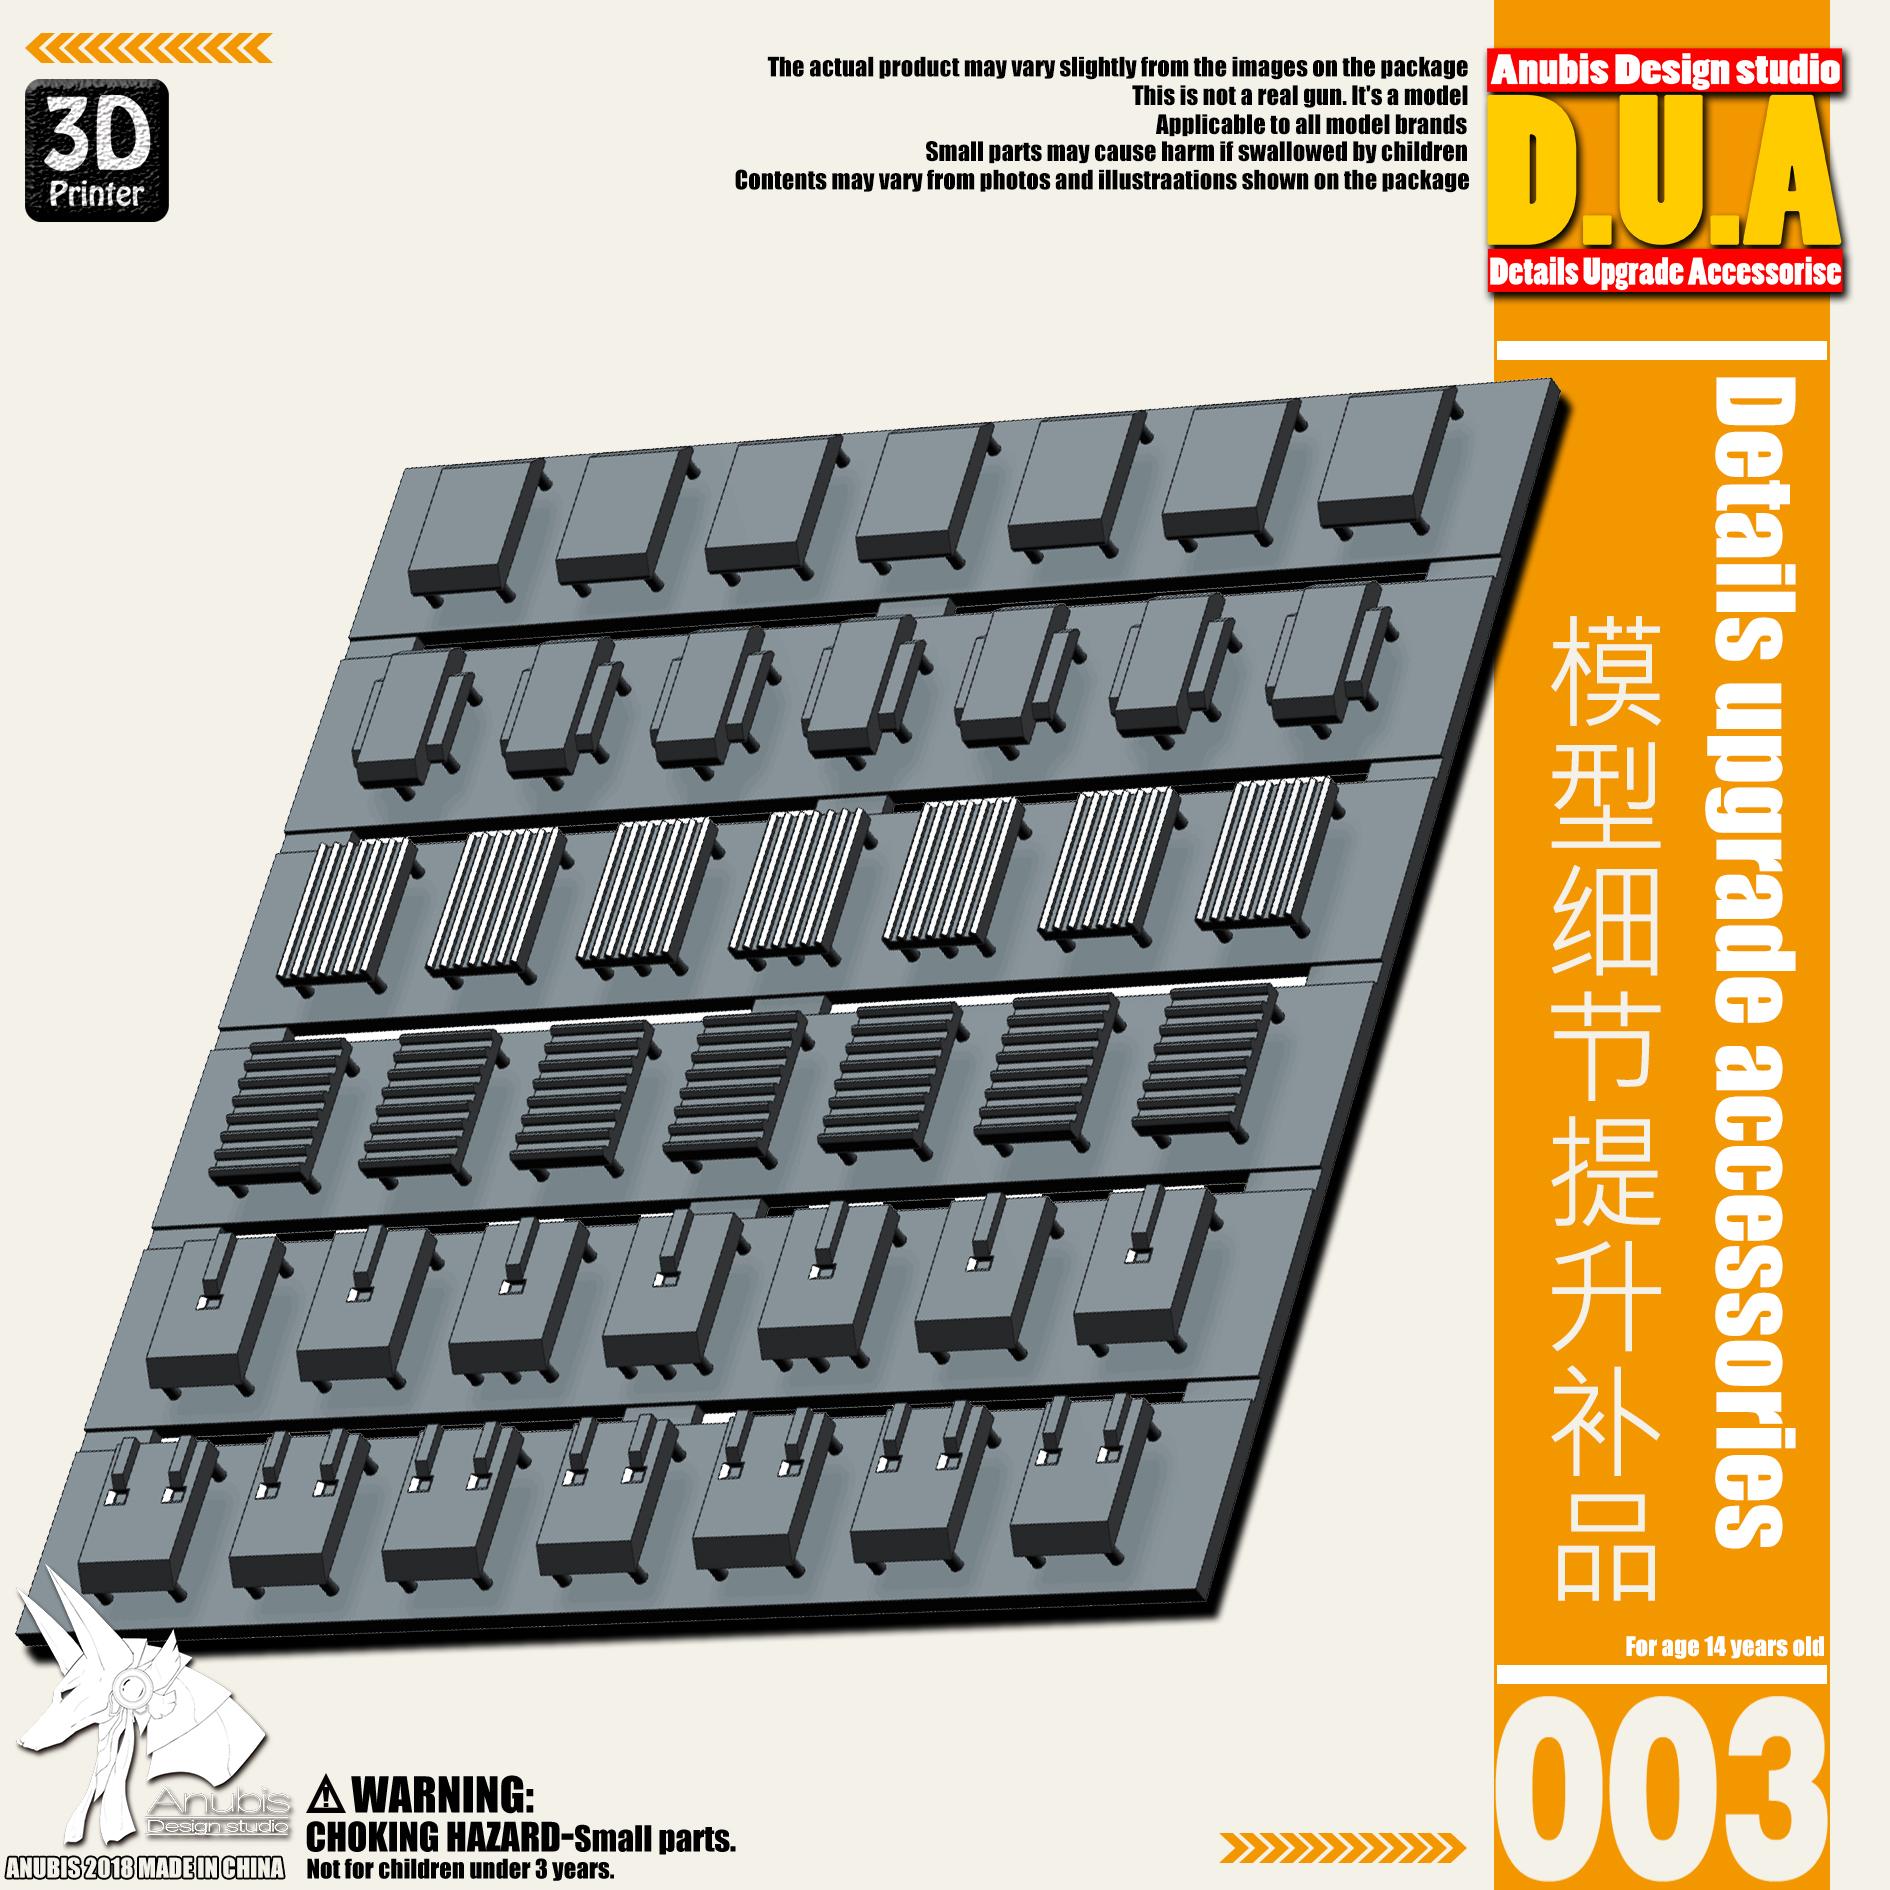 G413_DUA003_001.jpg